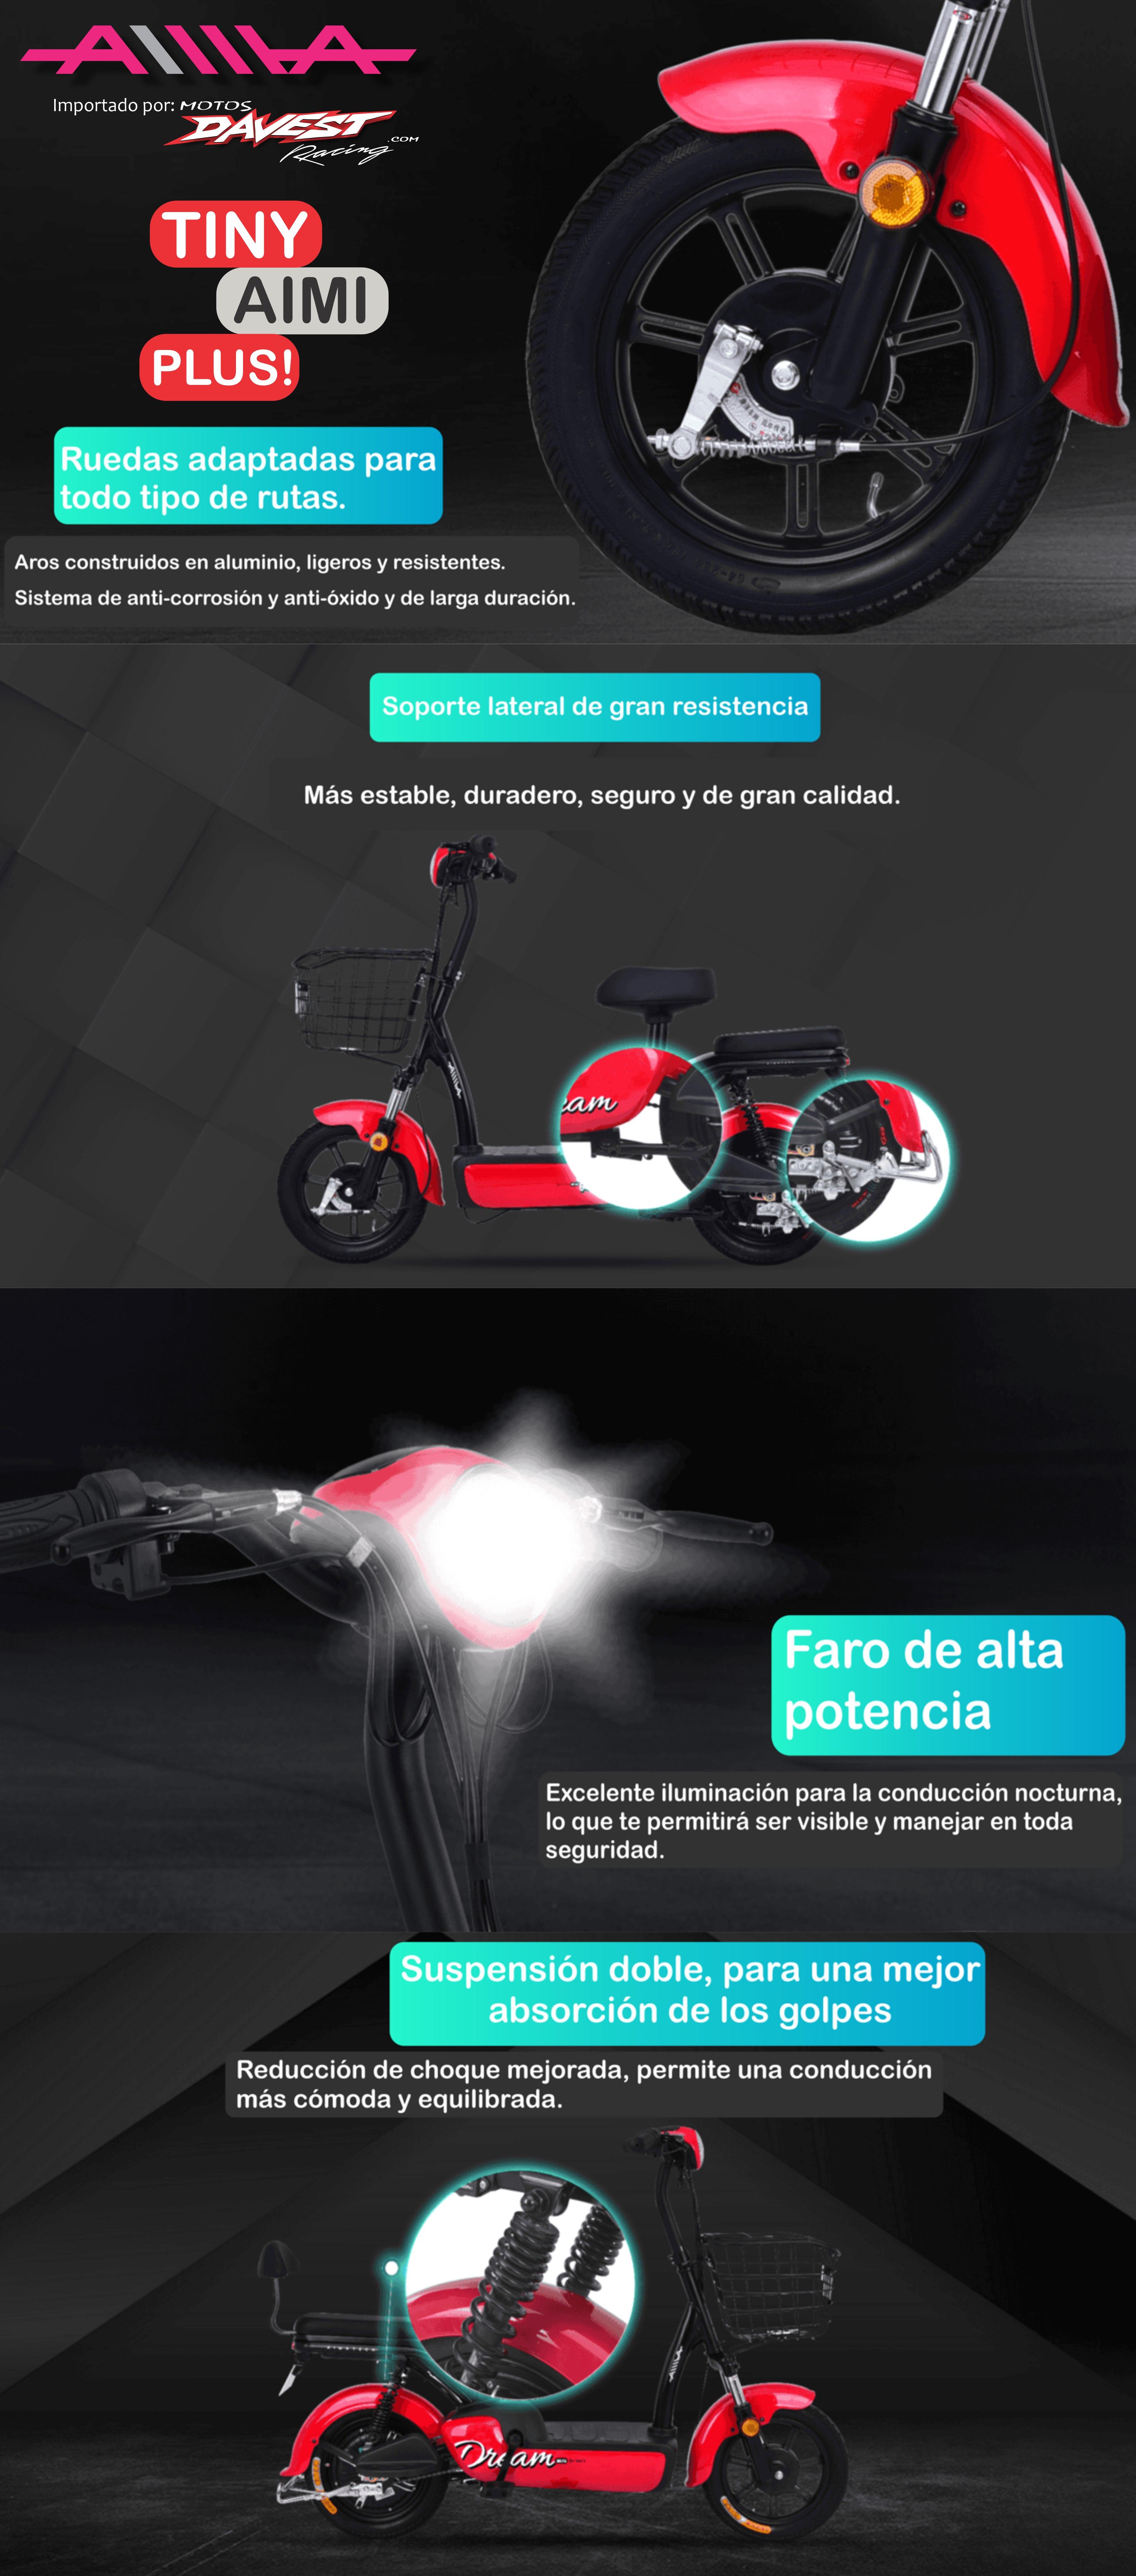 tiny aimi plus wp 1 AIMA Peru - Motos Electricas Peru